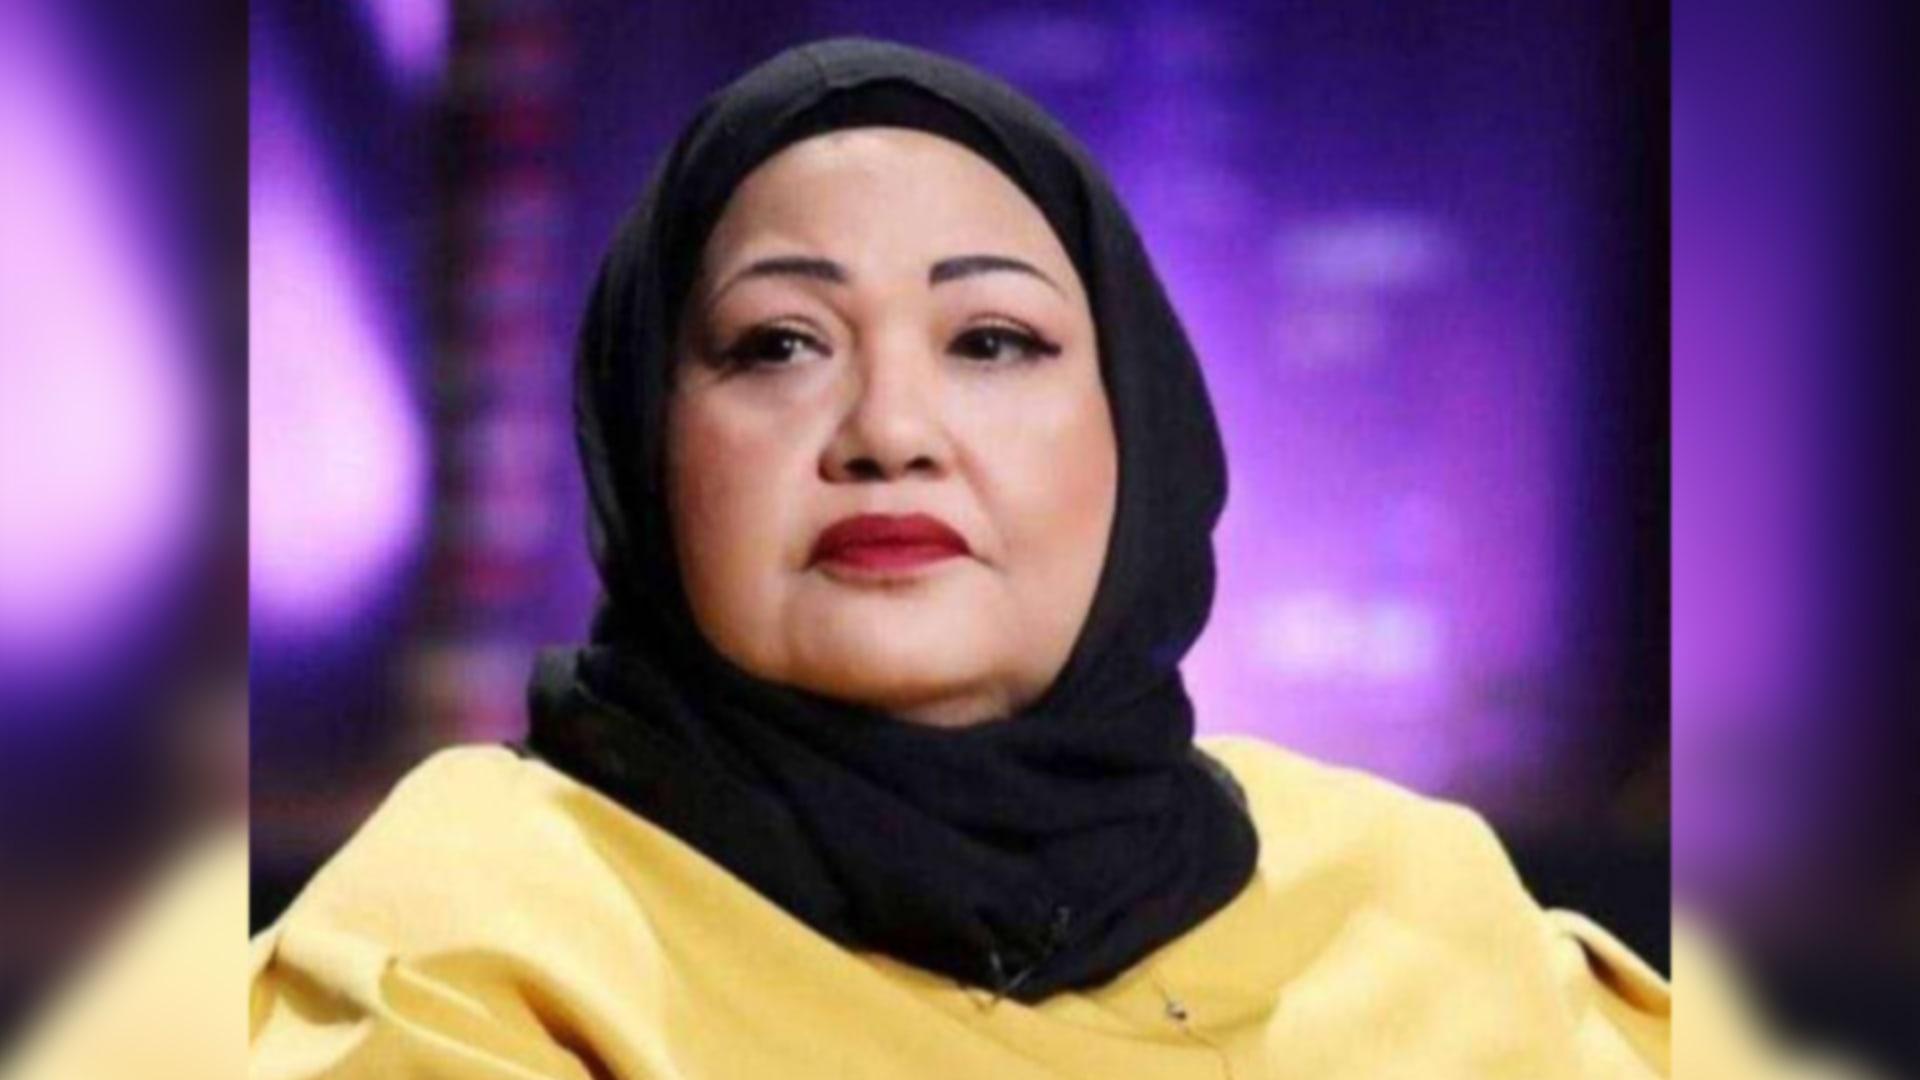 الفنانة الكويتية انتصار الشراح